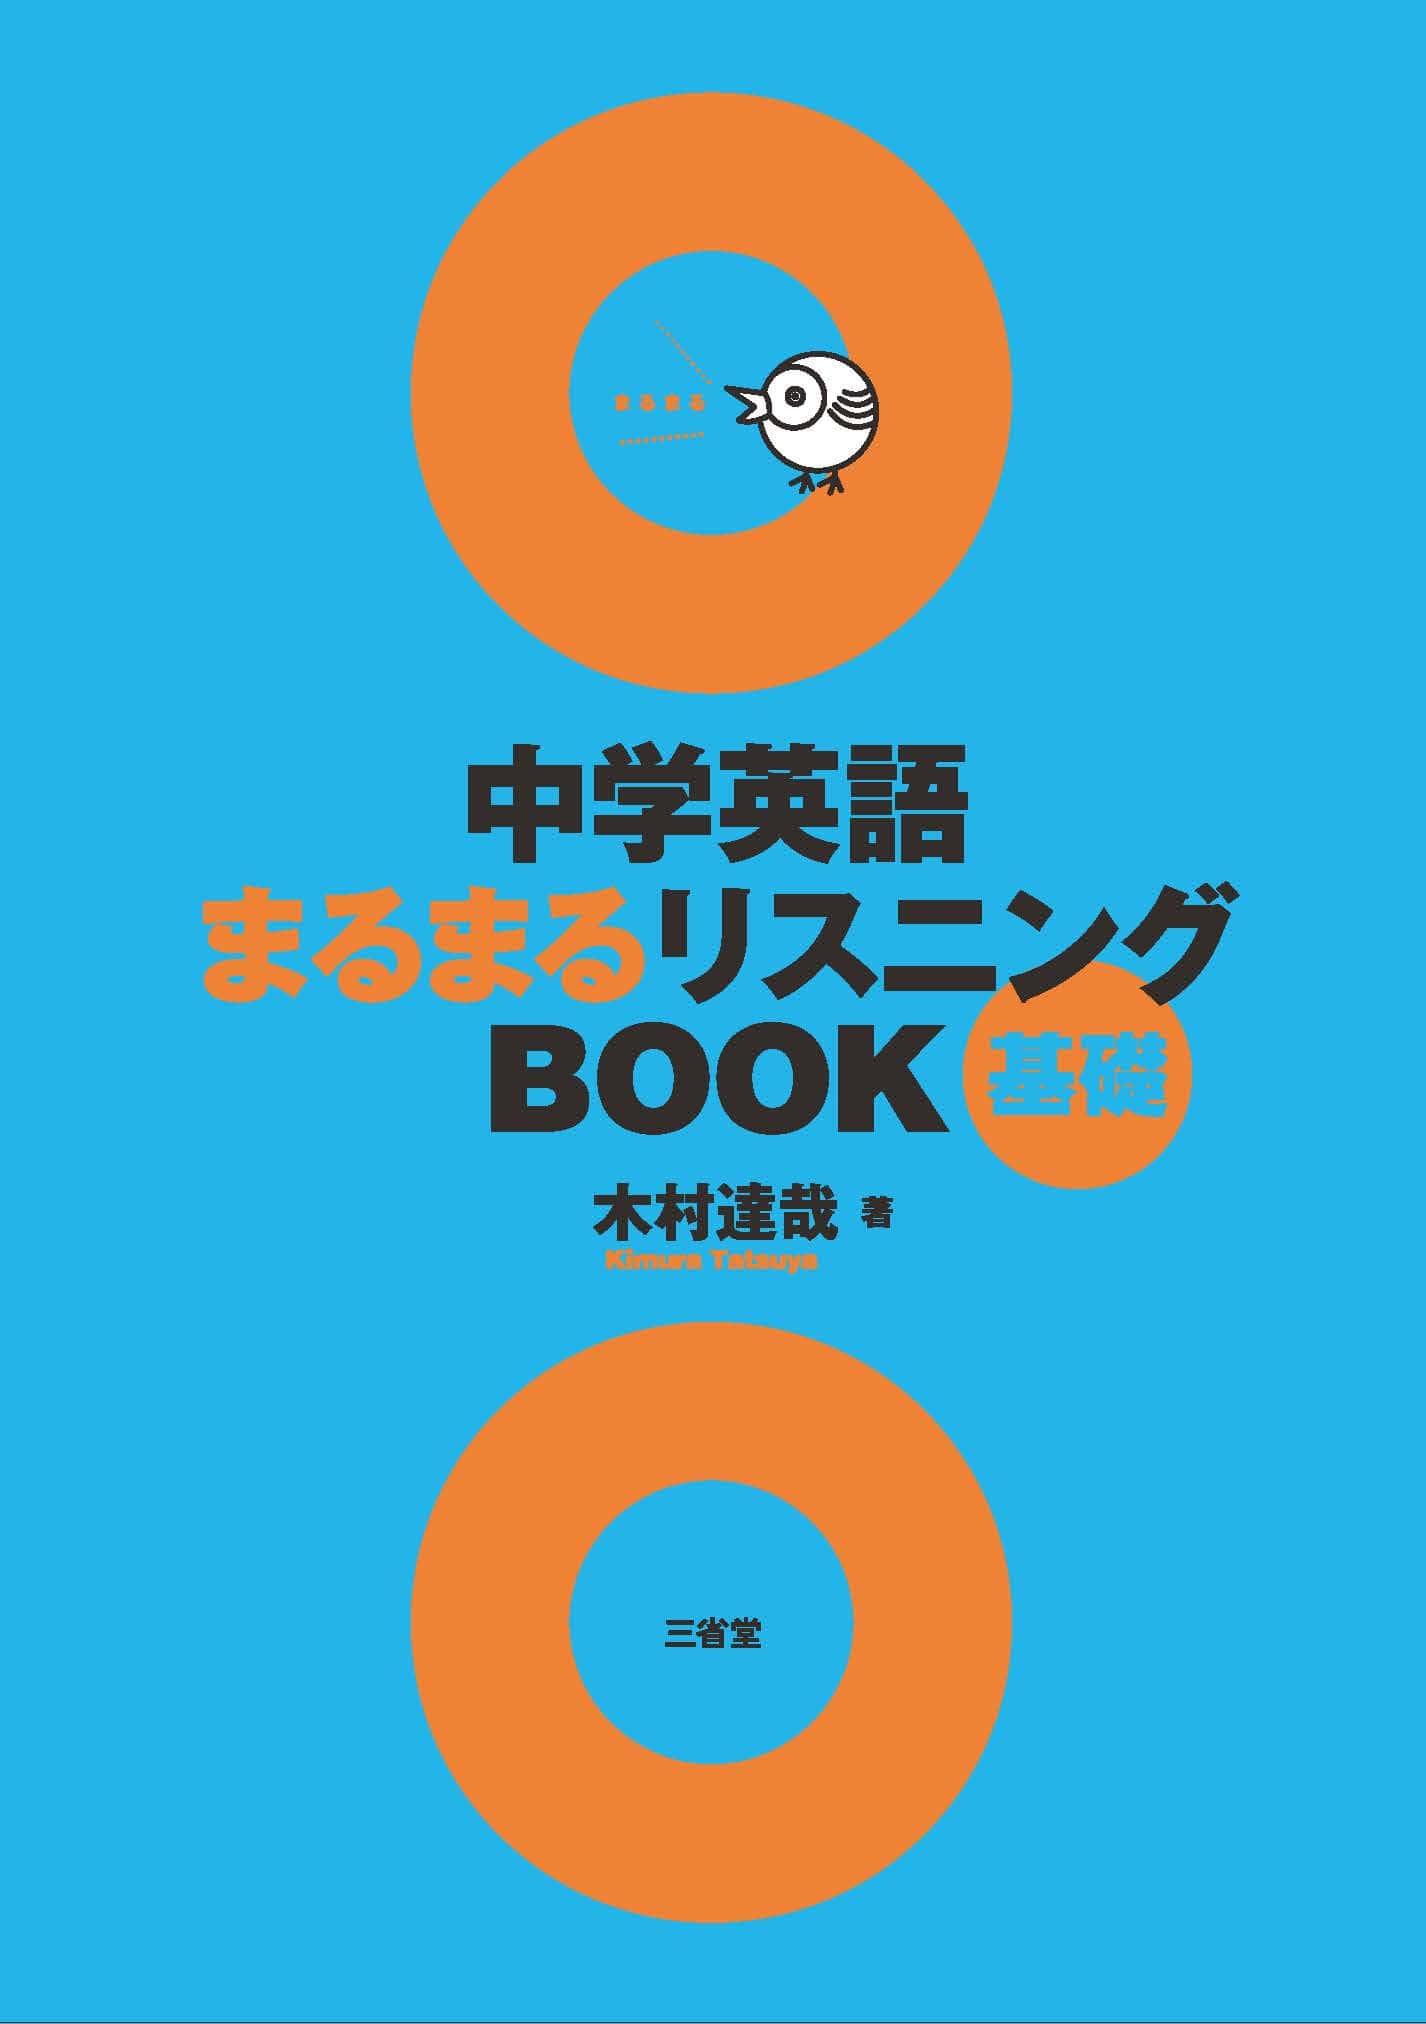 中学英語まるまるリスニングBOOK 基礎